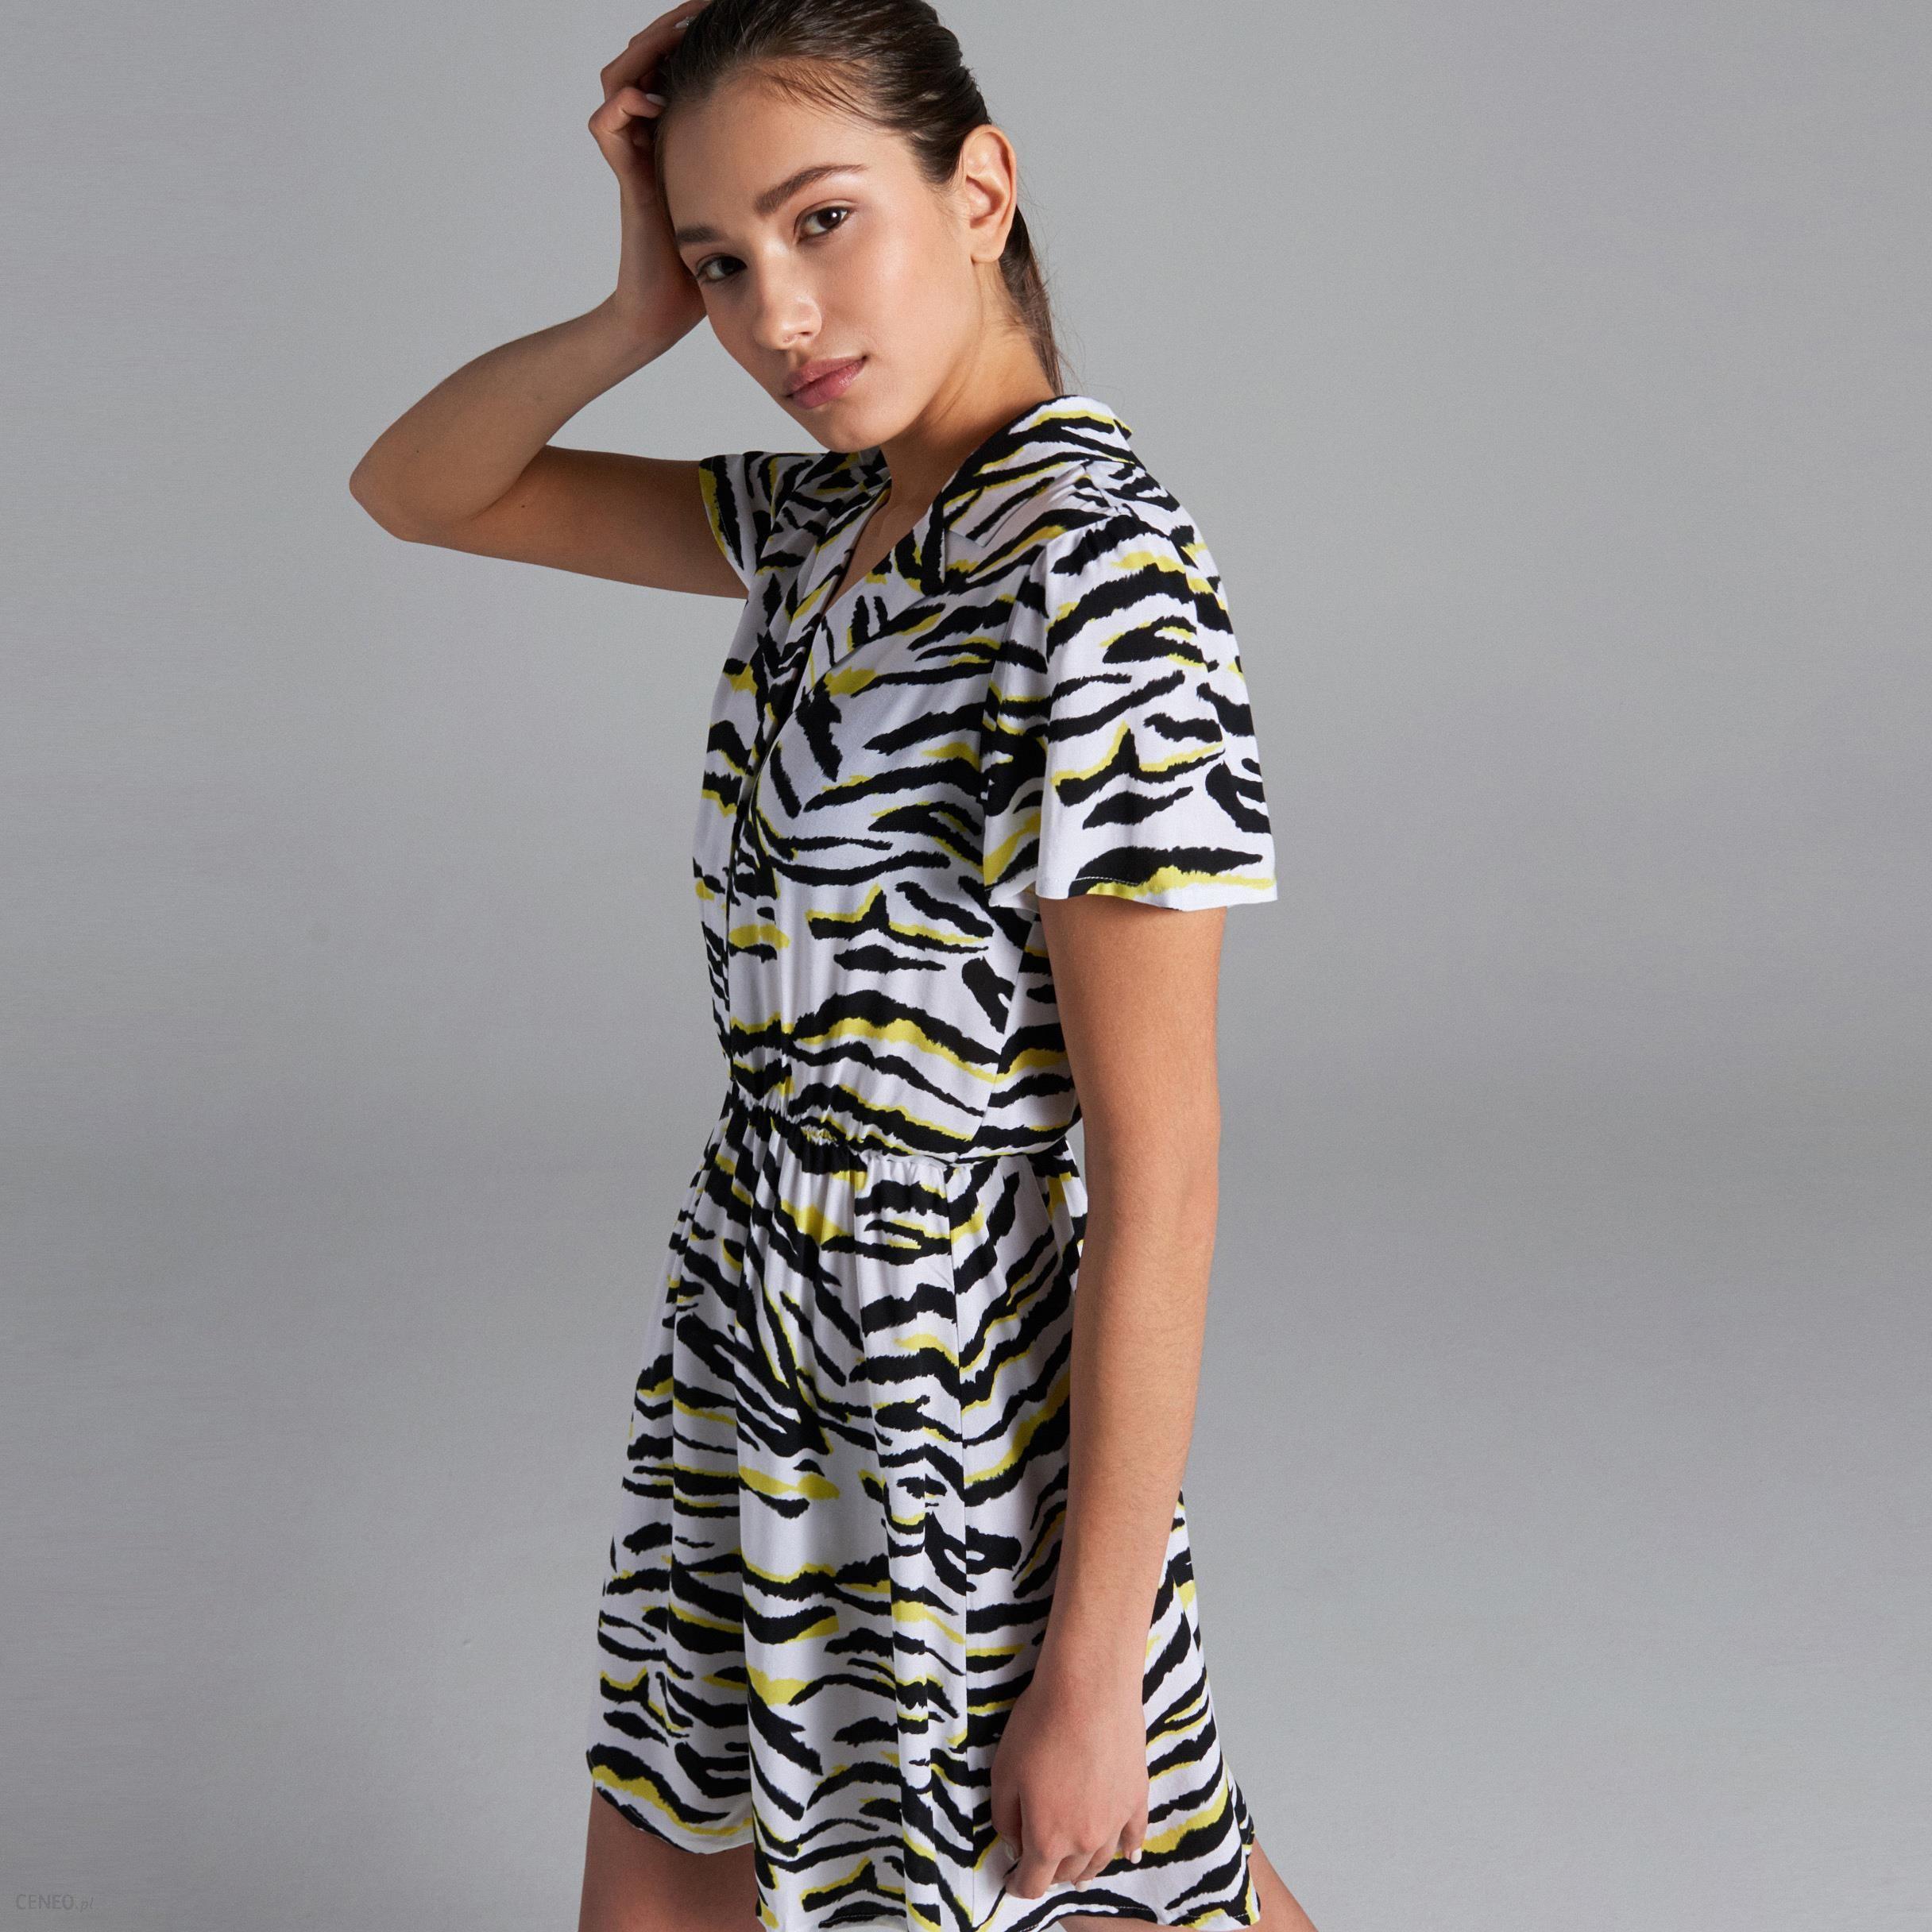 52da270dd1 Cropp - Sukienka w zwierzęcy wzór - Kremowy - Ceny i opinie - Ceneo.pl